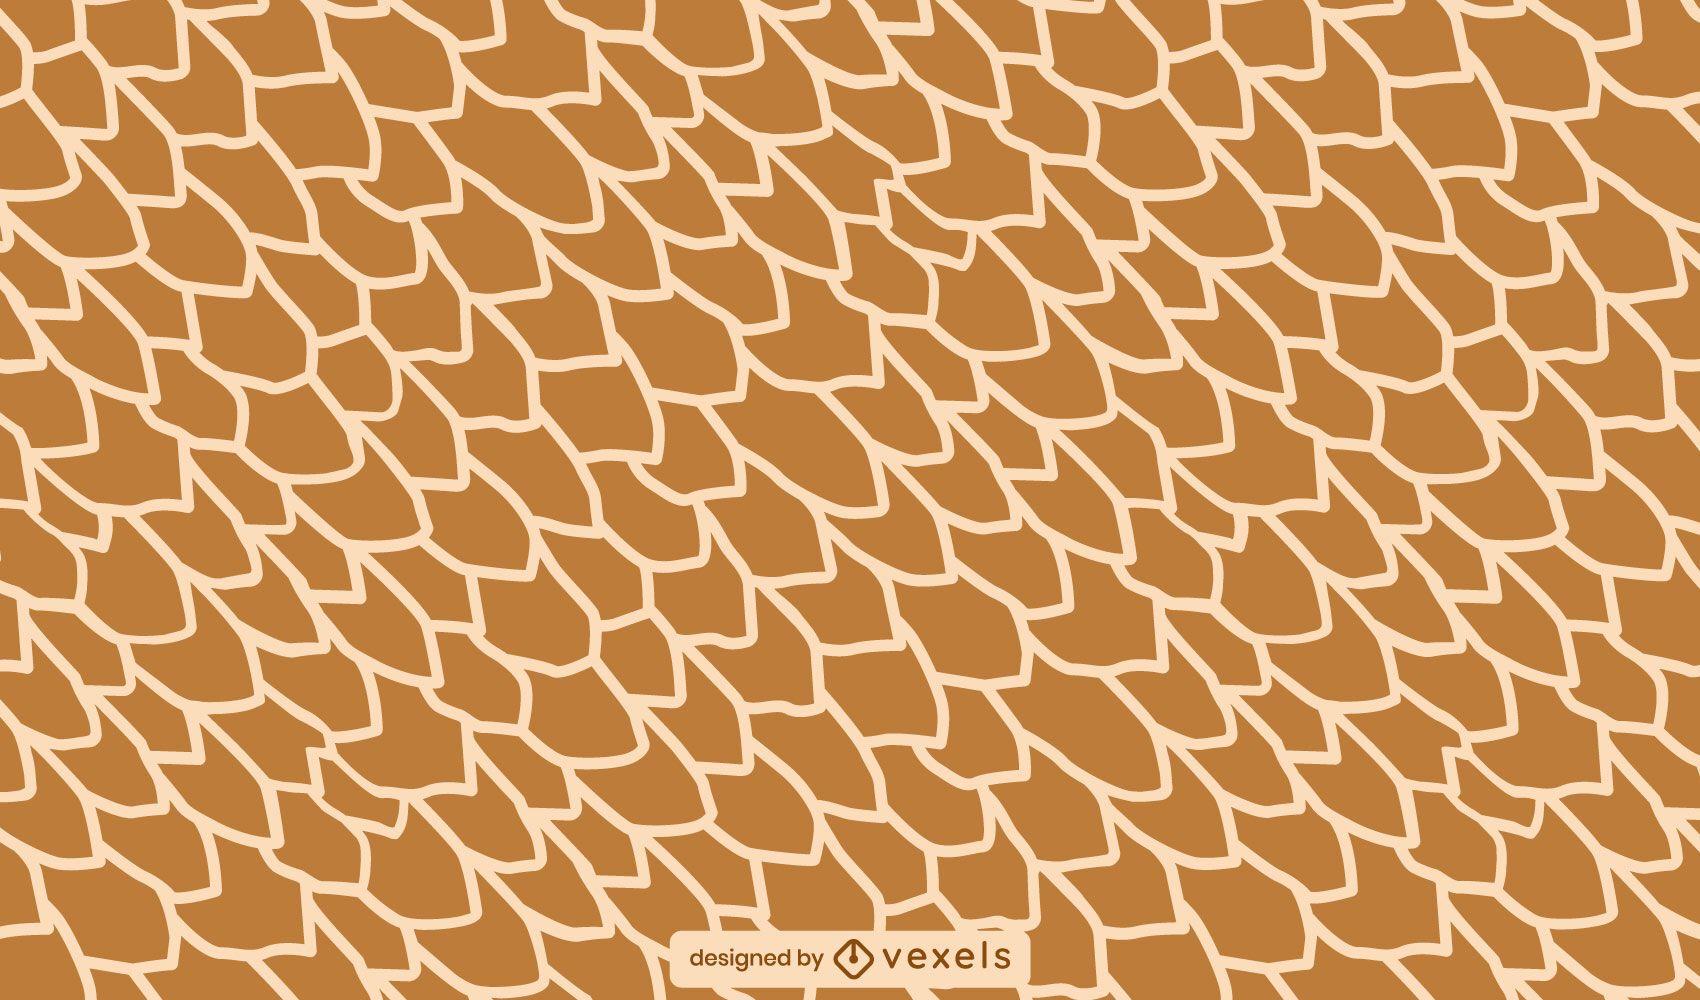 Diseño de patrón de piel de jirafa